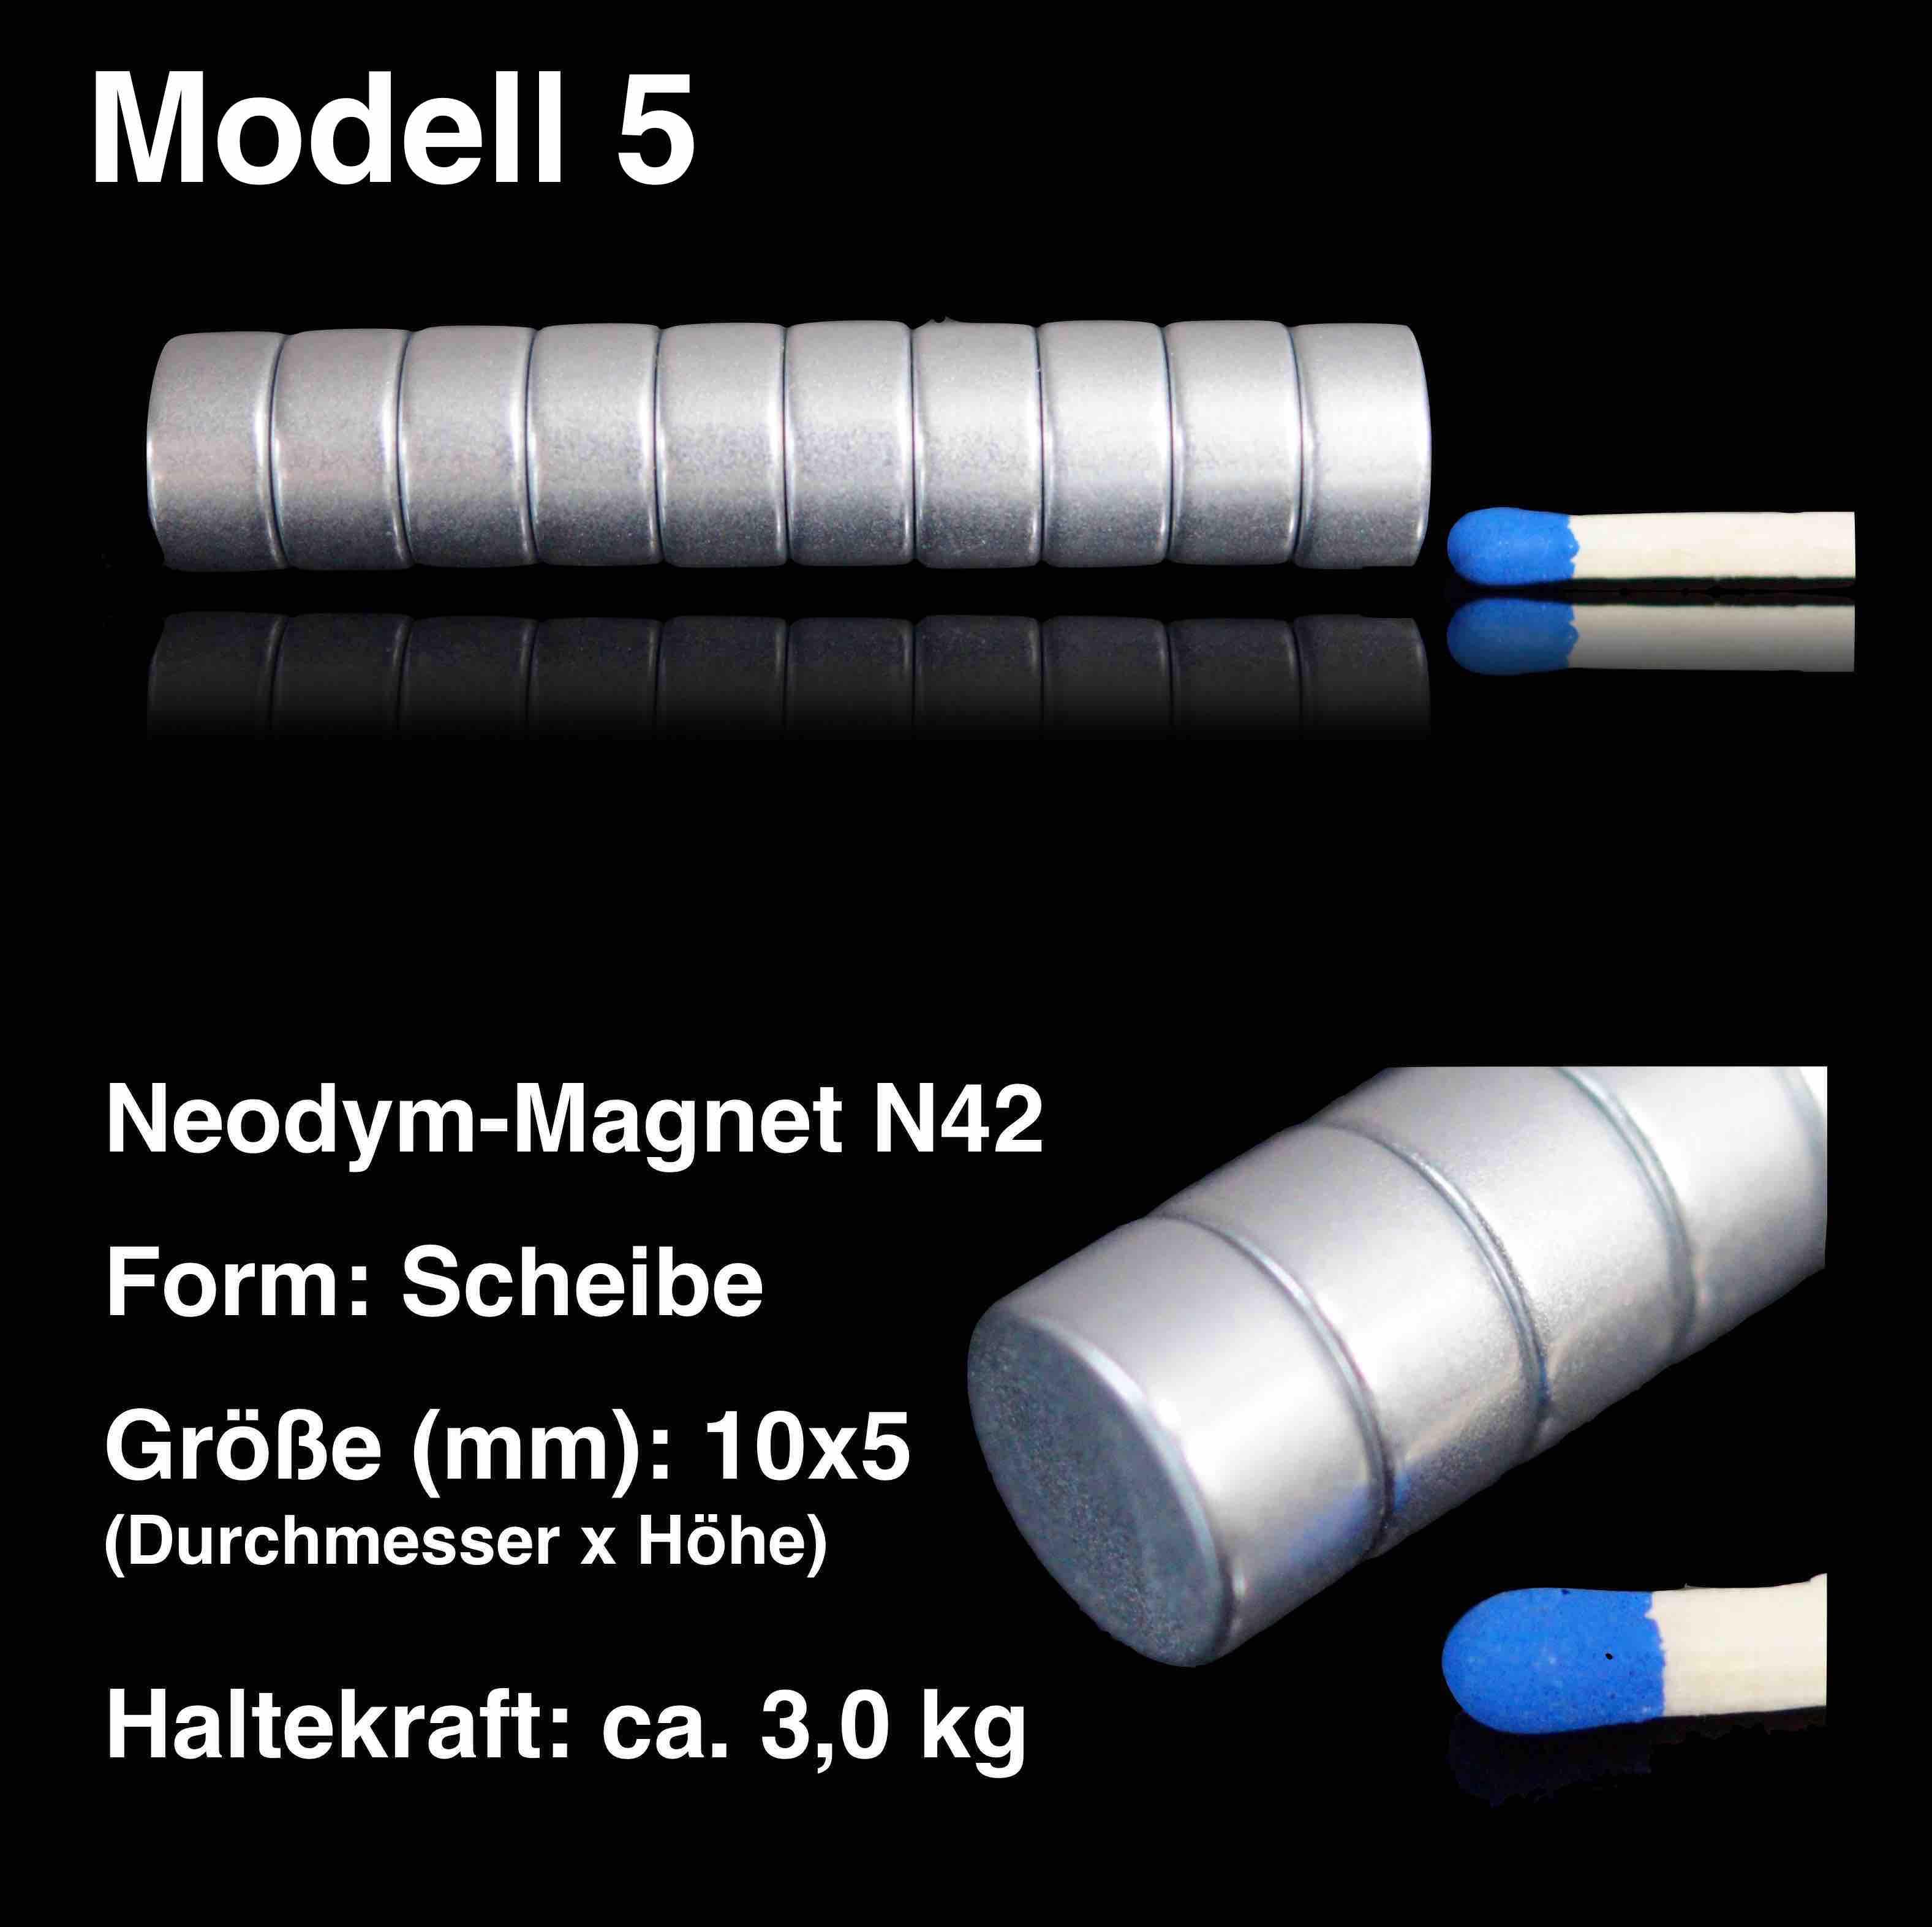 100x neodym magnete scheibe 10x5 mm n42 ndfeb magnet rund 10 x 5 mm ebay. Black Bedroom Furniture Sets. Home Design Ideas